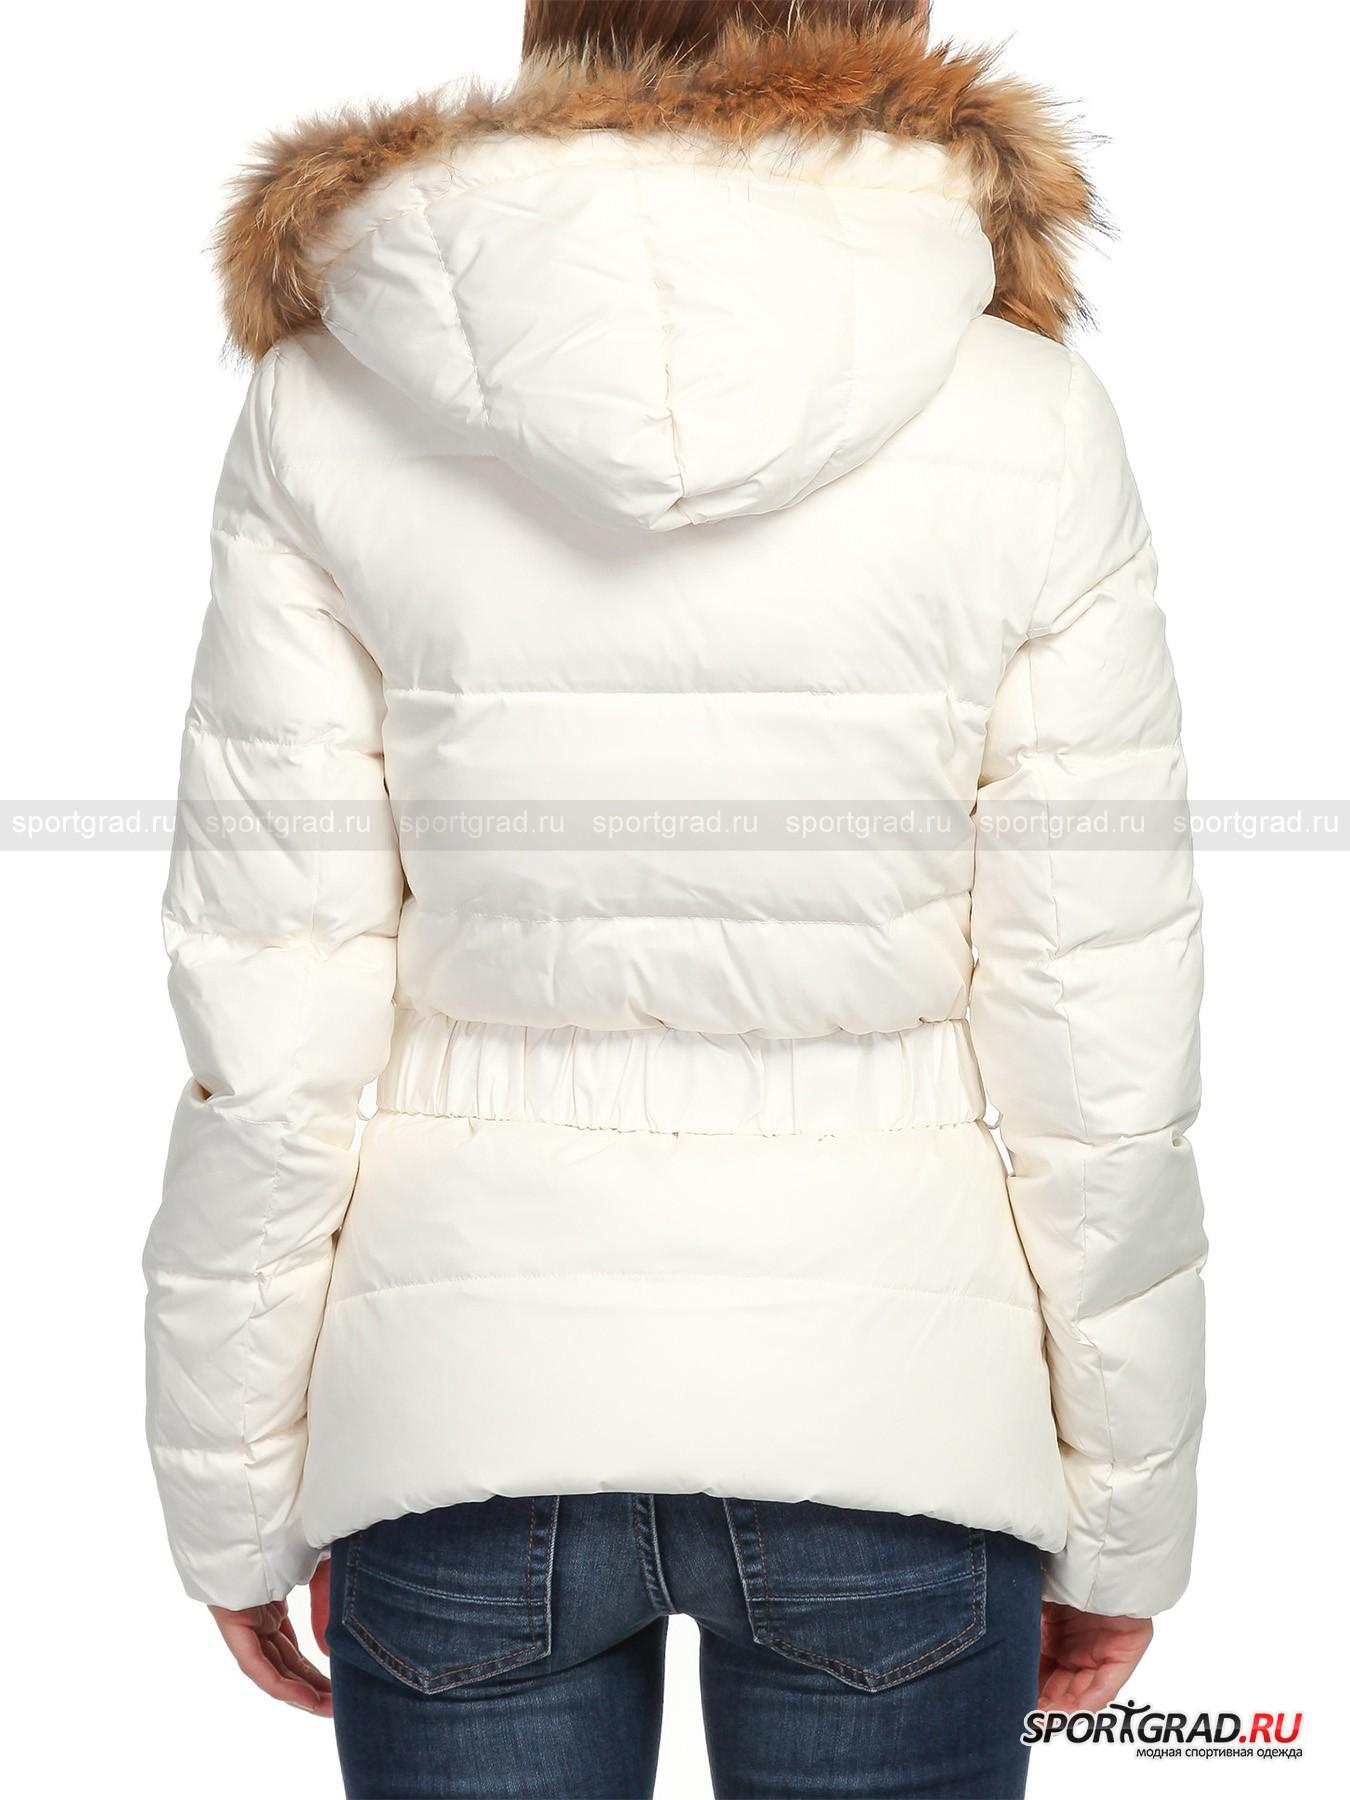 Куртка женская приталенная EMPORIO ARMANI на пуху от Спортград